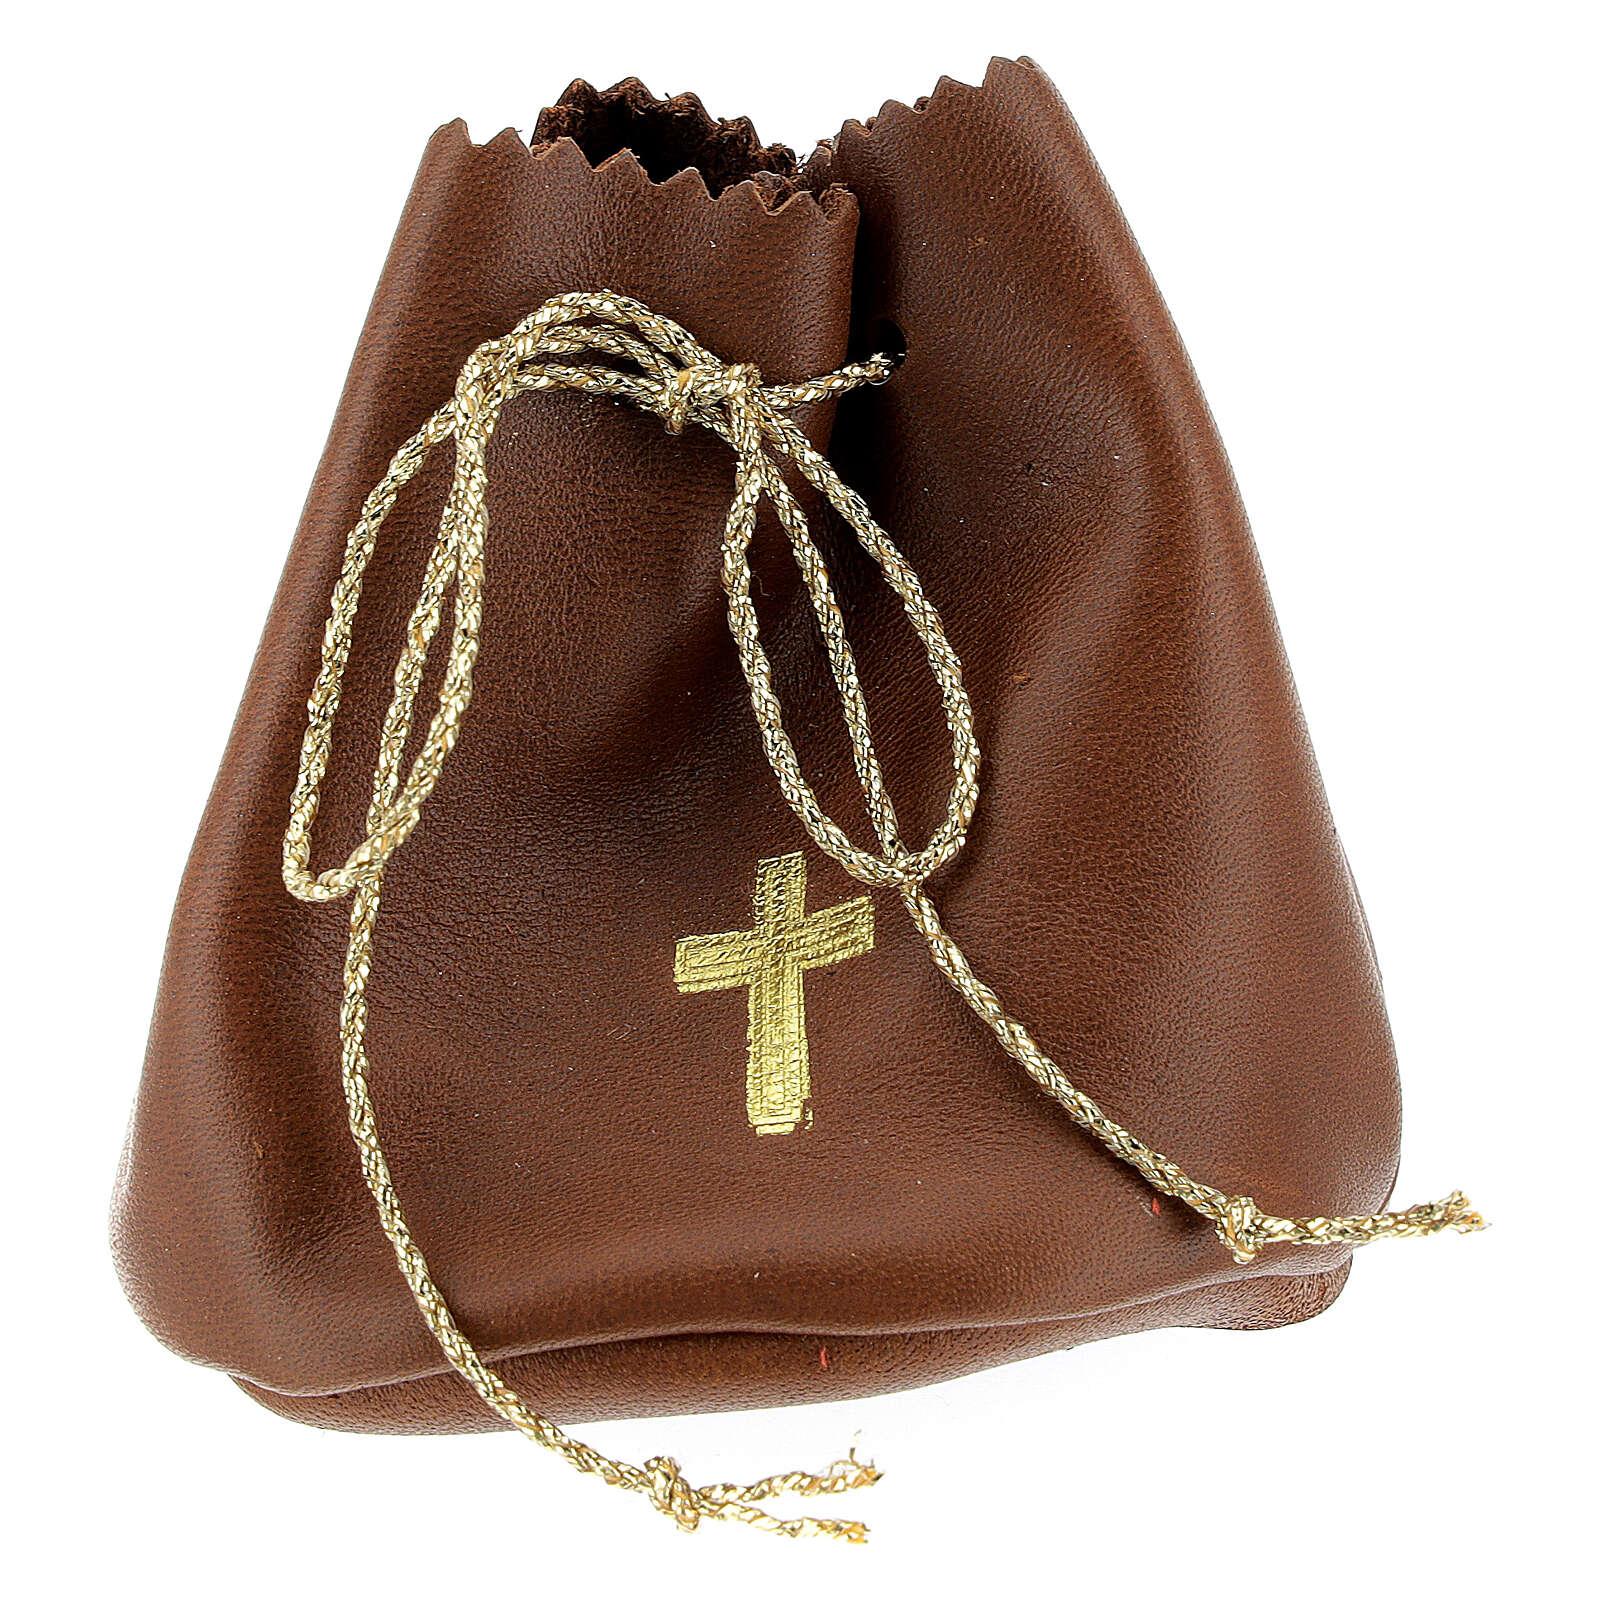 Bolsa para Santos Óleos de verdadero cuero marrón 3